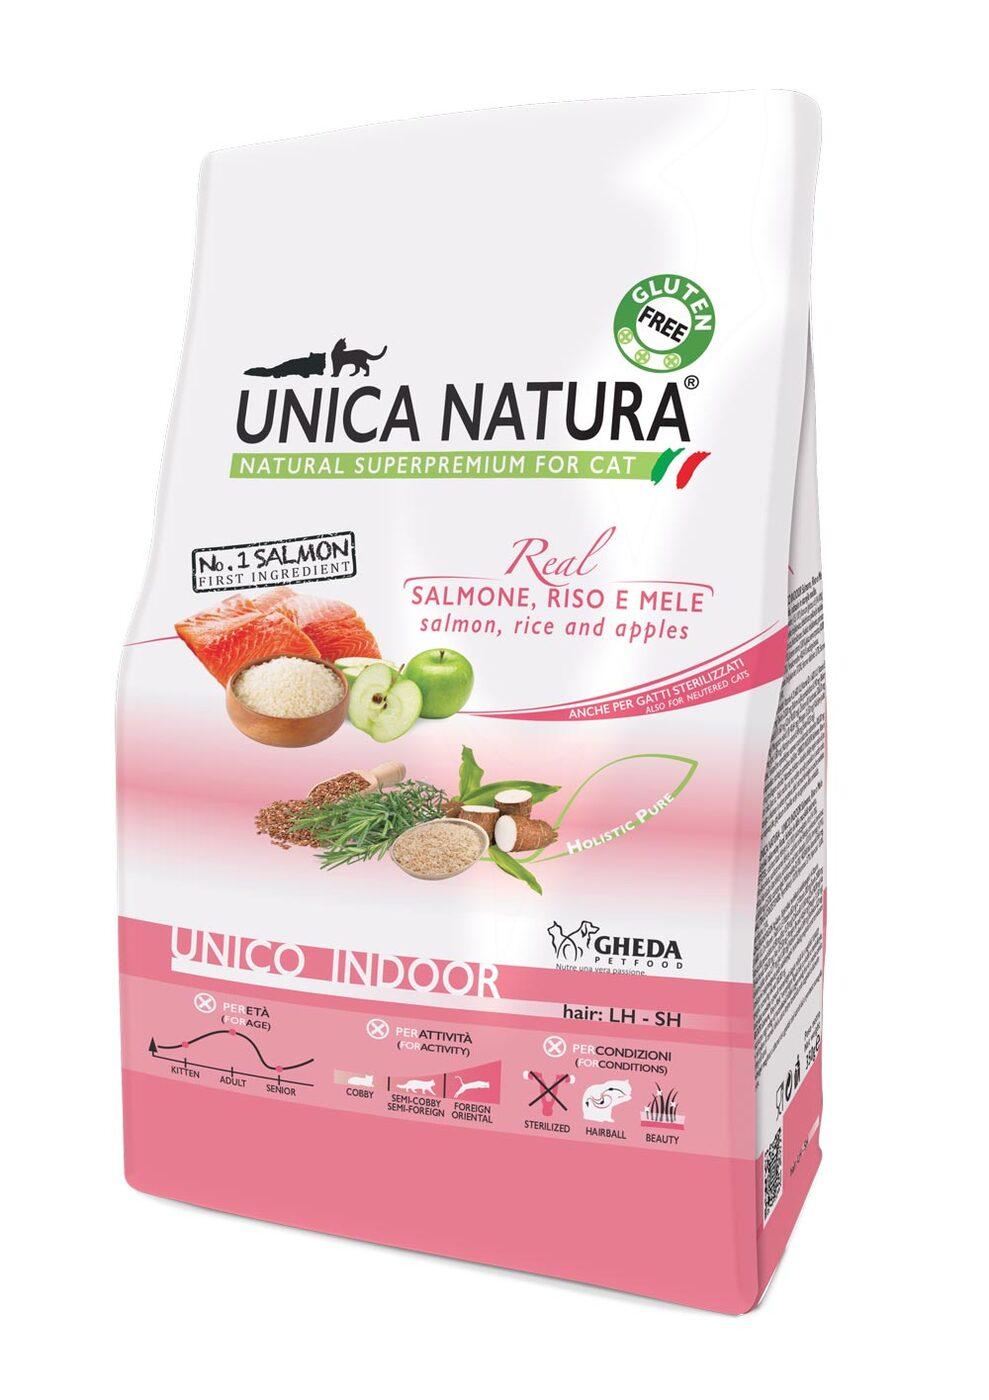 Сухой корм для кошек Unica Natura Unico Indoor - лосось, рис, яблоко (1,5кг